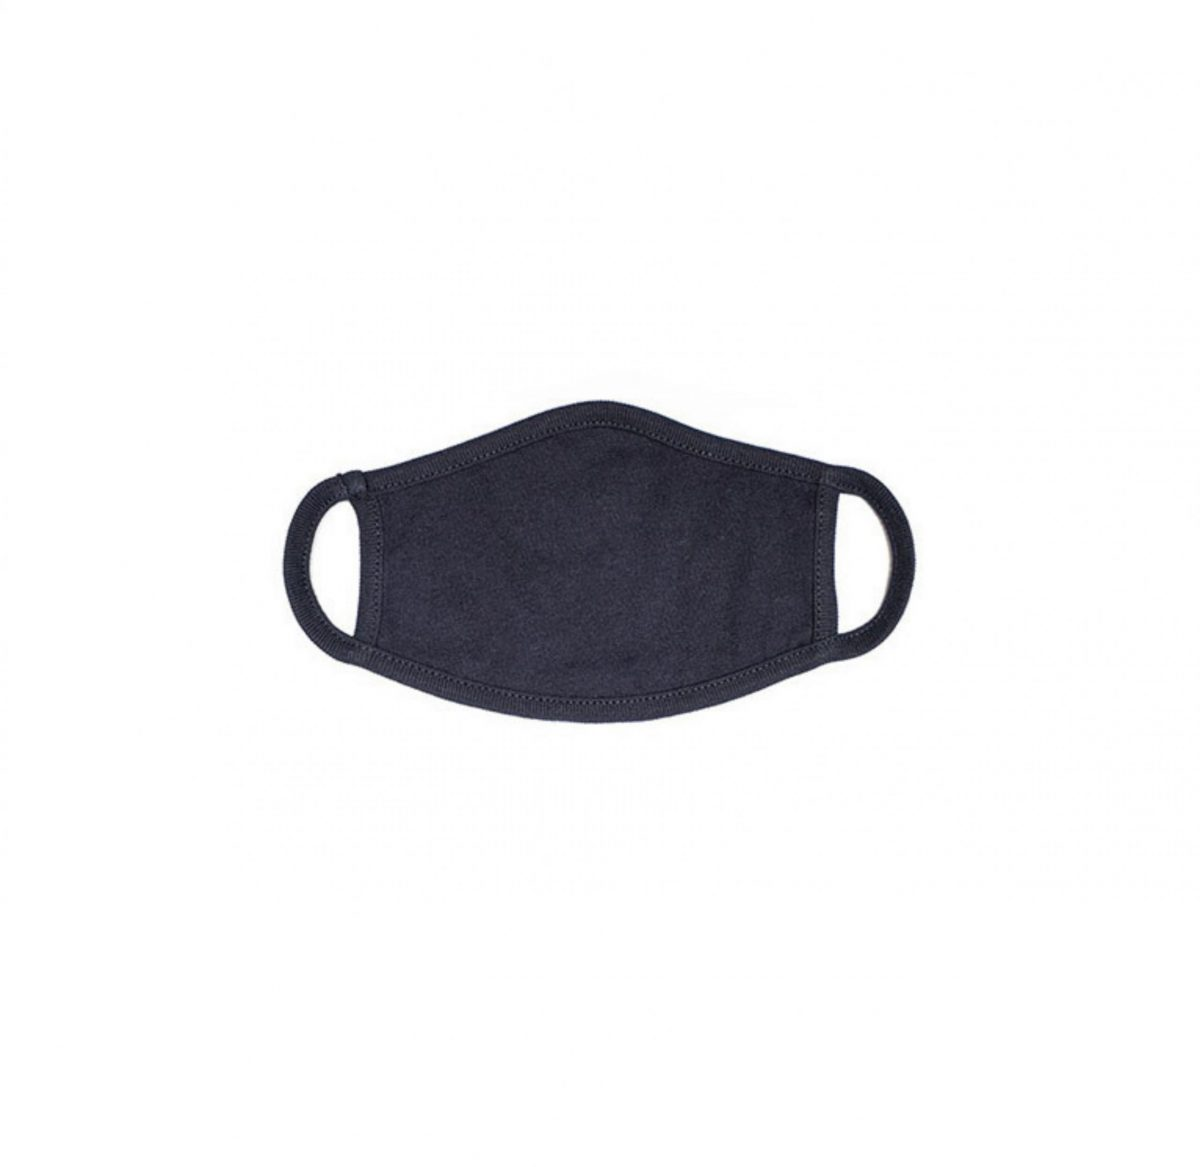 Masque en tissu – Bleu marine